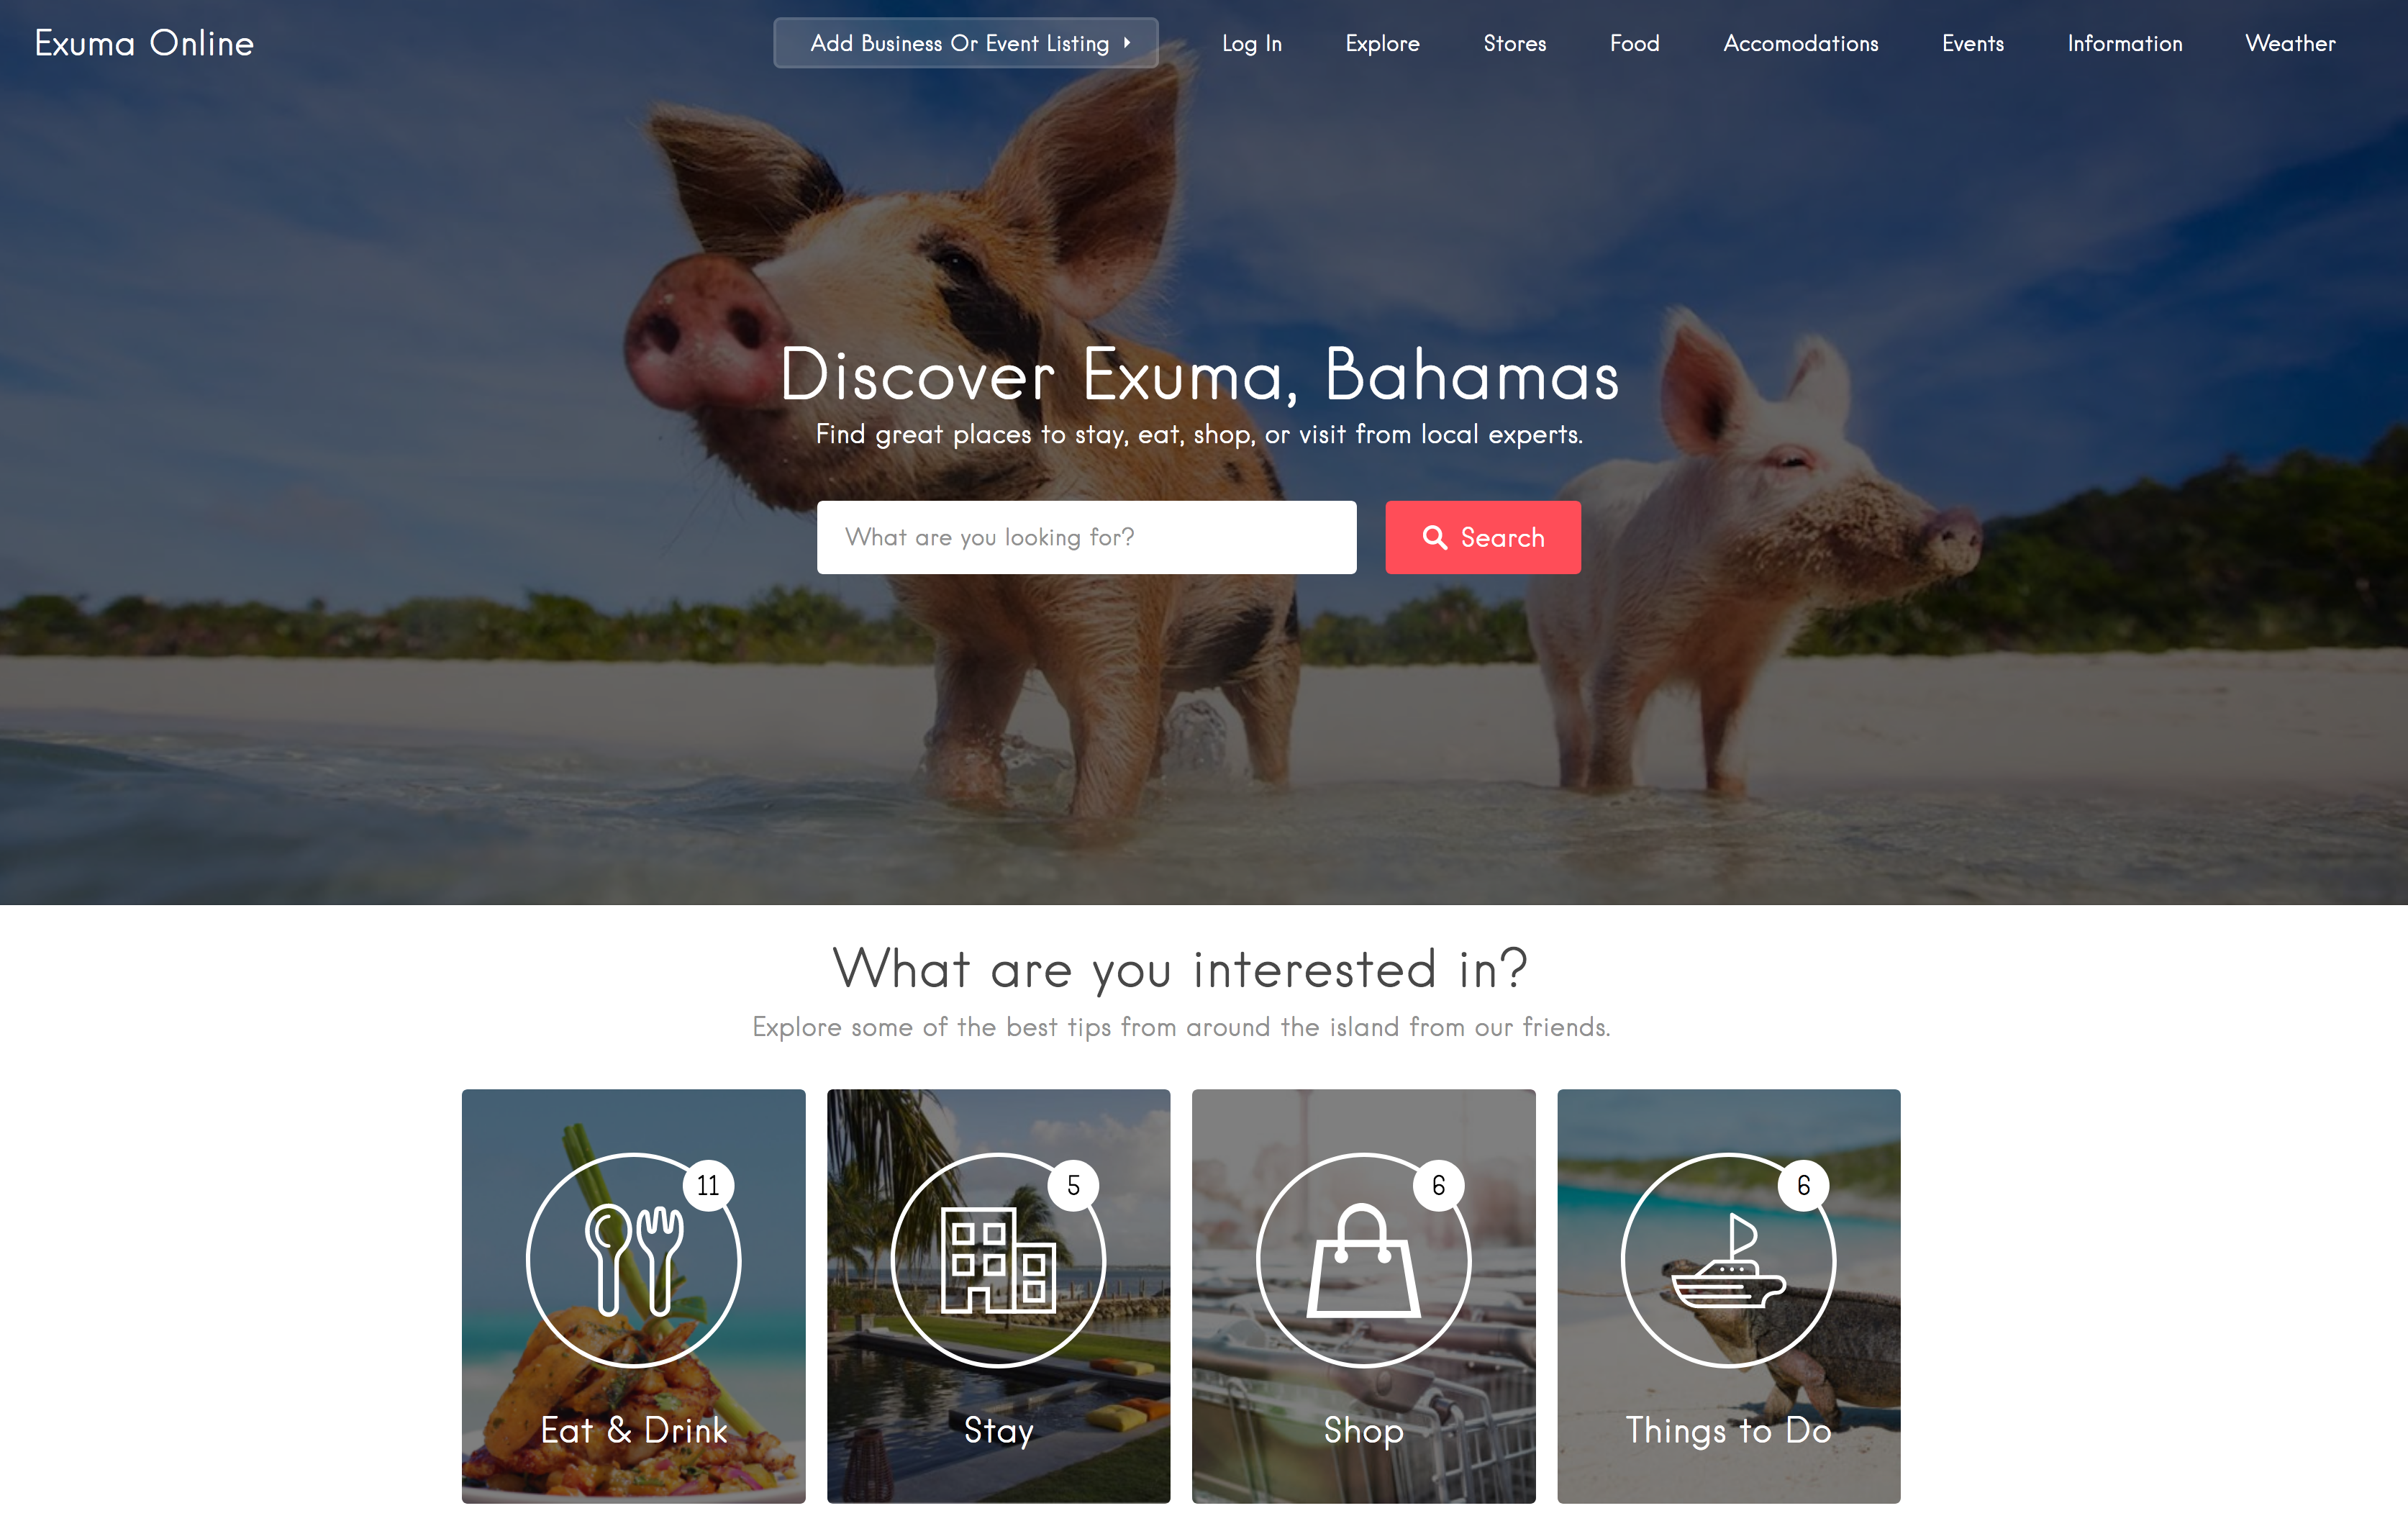 Hilborn Digital|多伦多网站设计开发|SEO优化|社交媒体营销|PPC